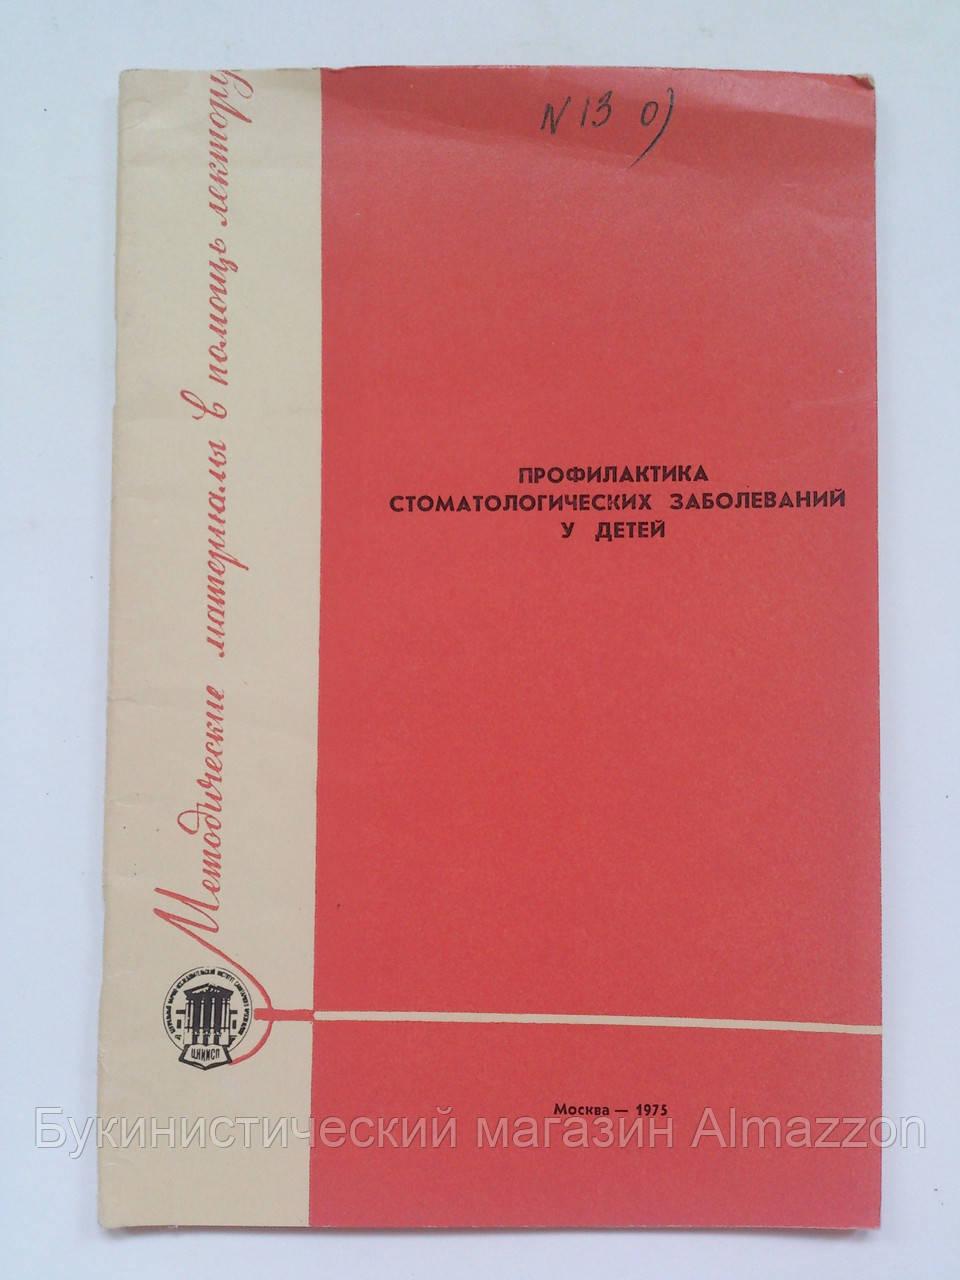 Профилактика стоматологических заболеваний у детей. Серия: Методические материалы в помощь лектору. 1975 год